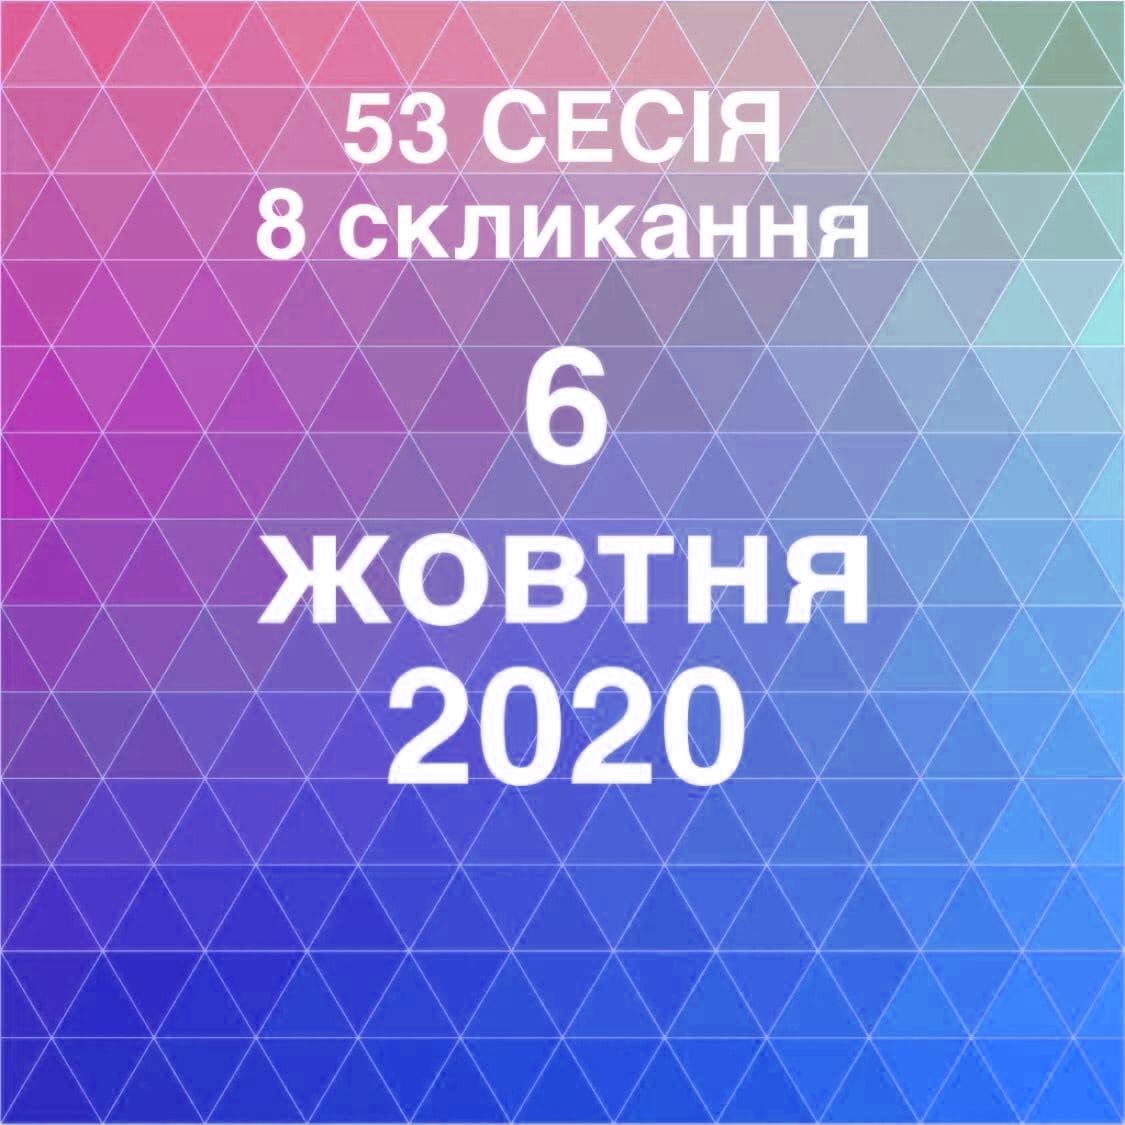 53 СЕСІЯ 8 скликання Великолюбінської селищної ради Городоцького району Львівської області